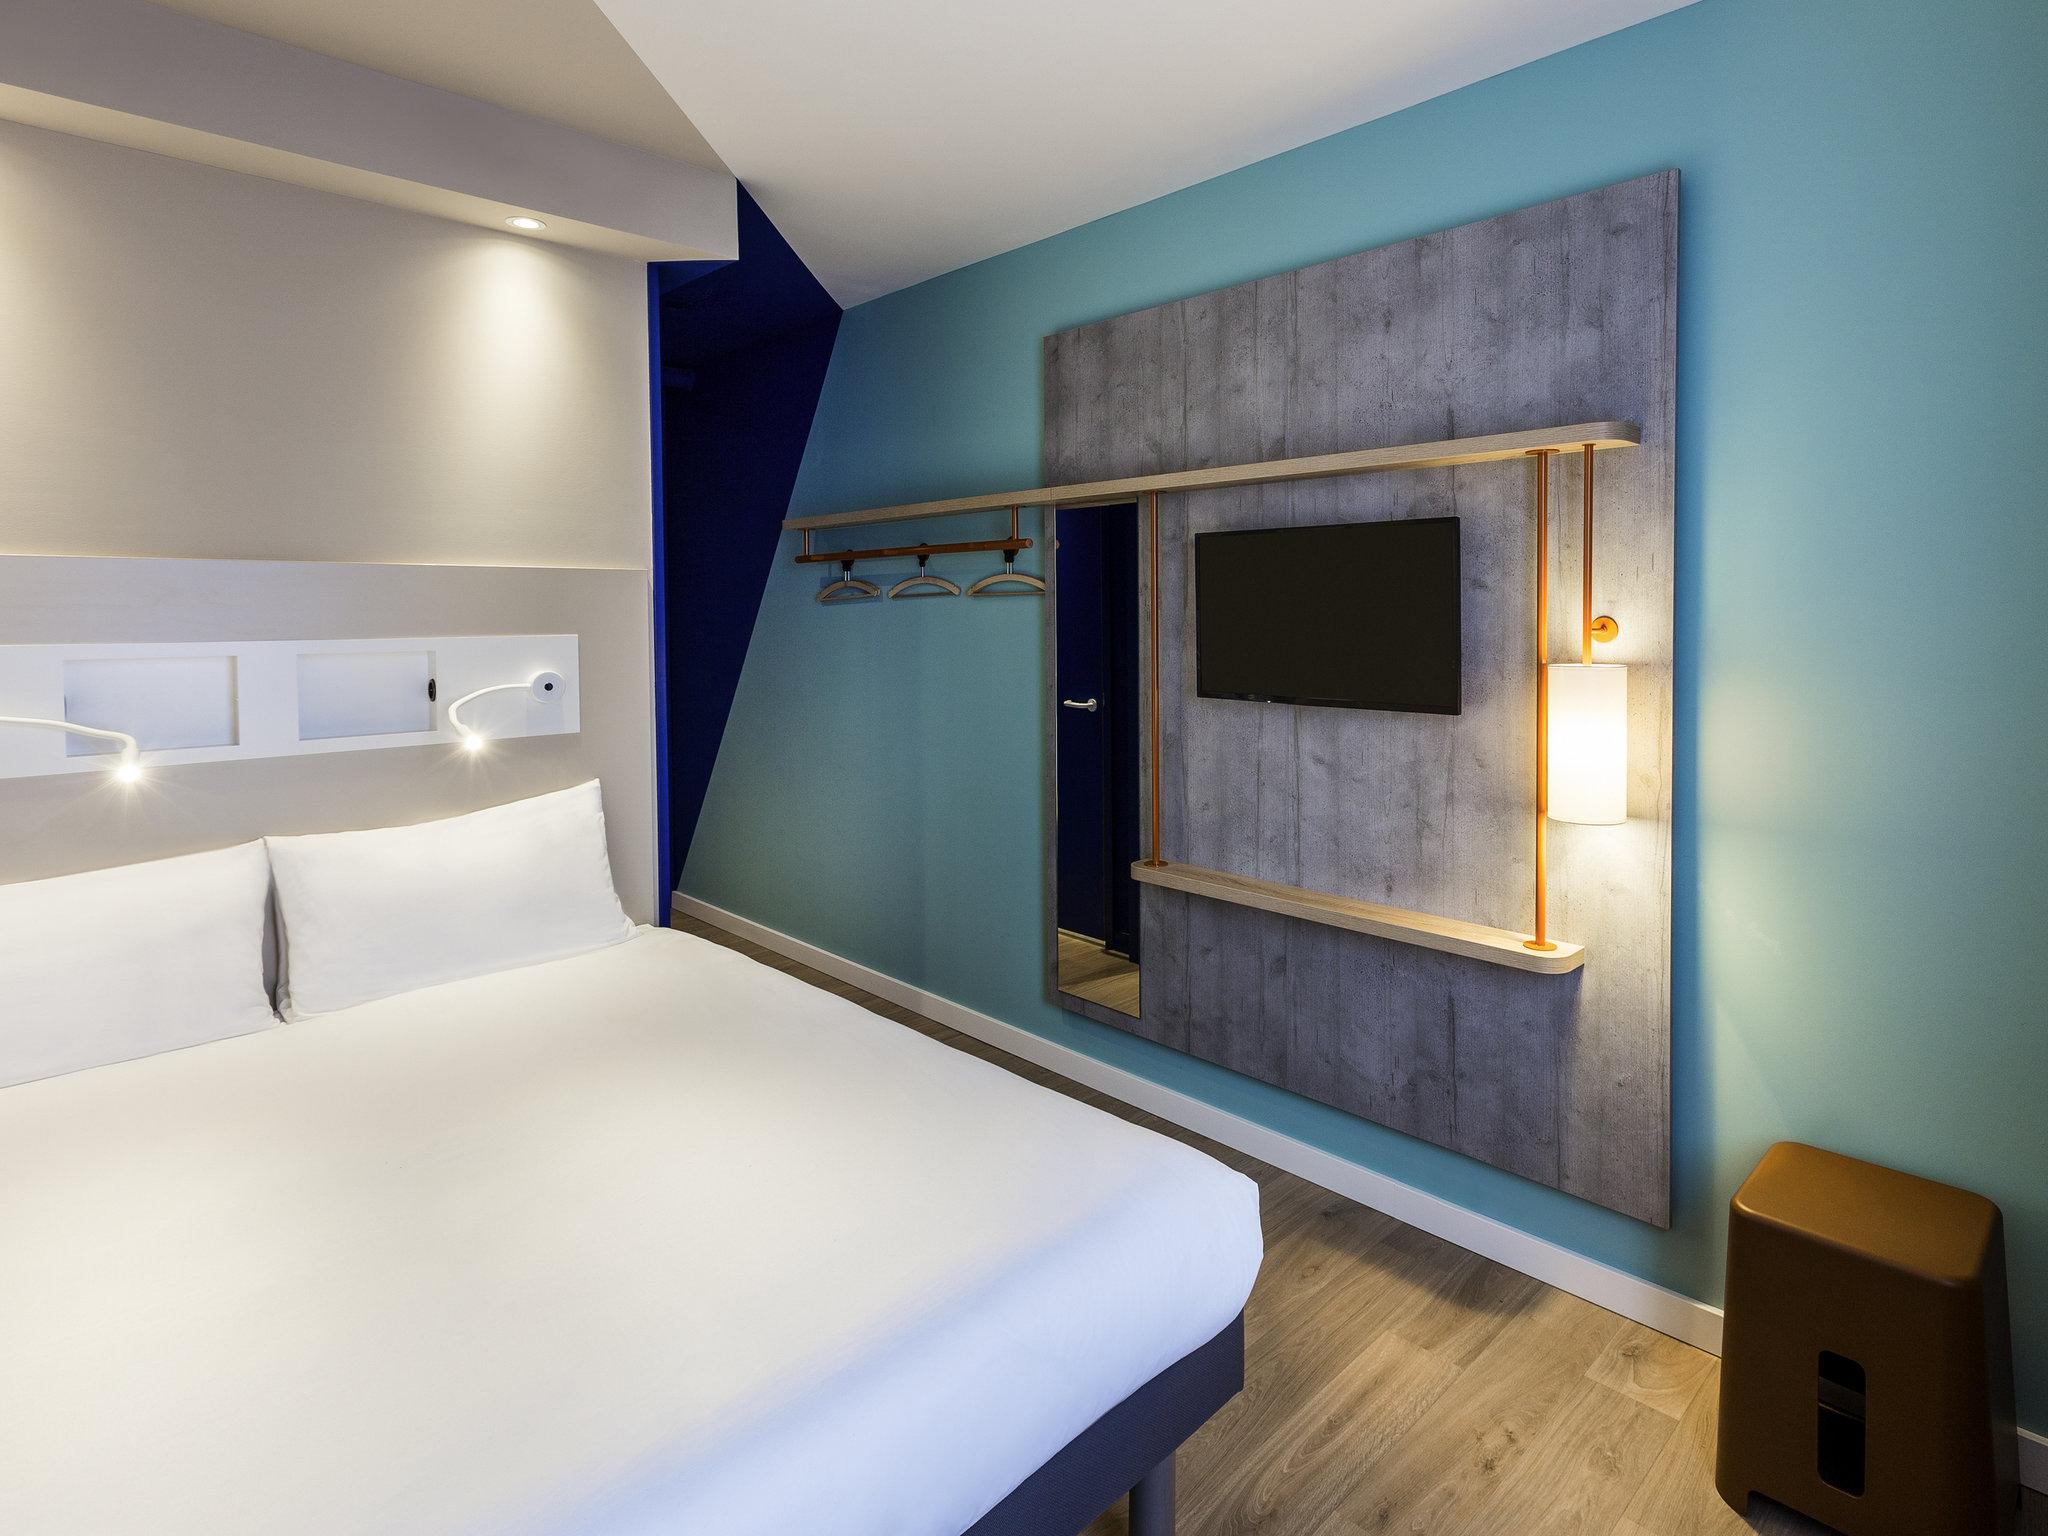 فندق - فندق إيبيس بدجت أمستردام سيتي ساوث